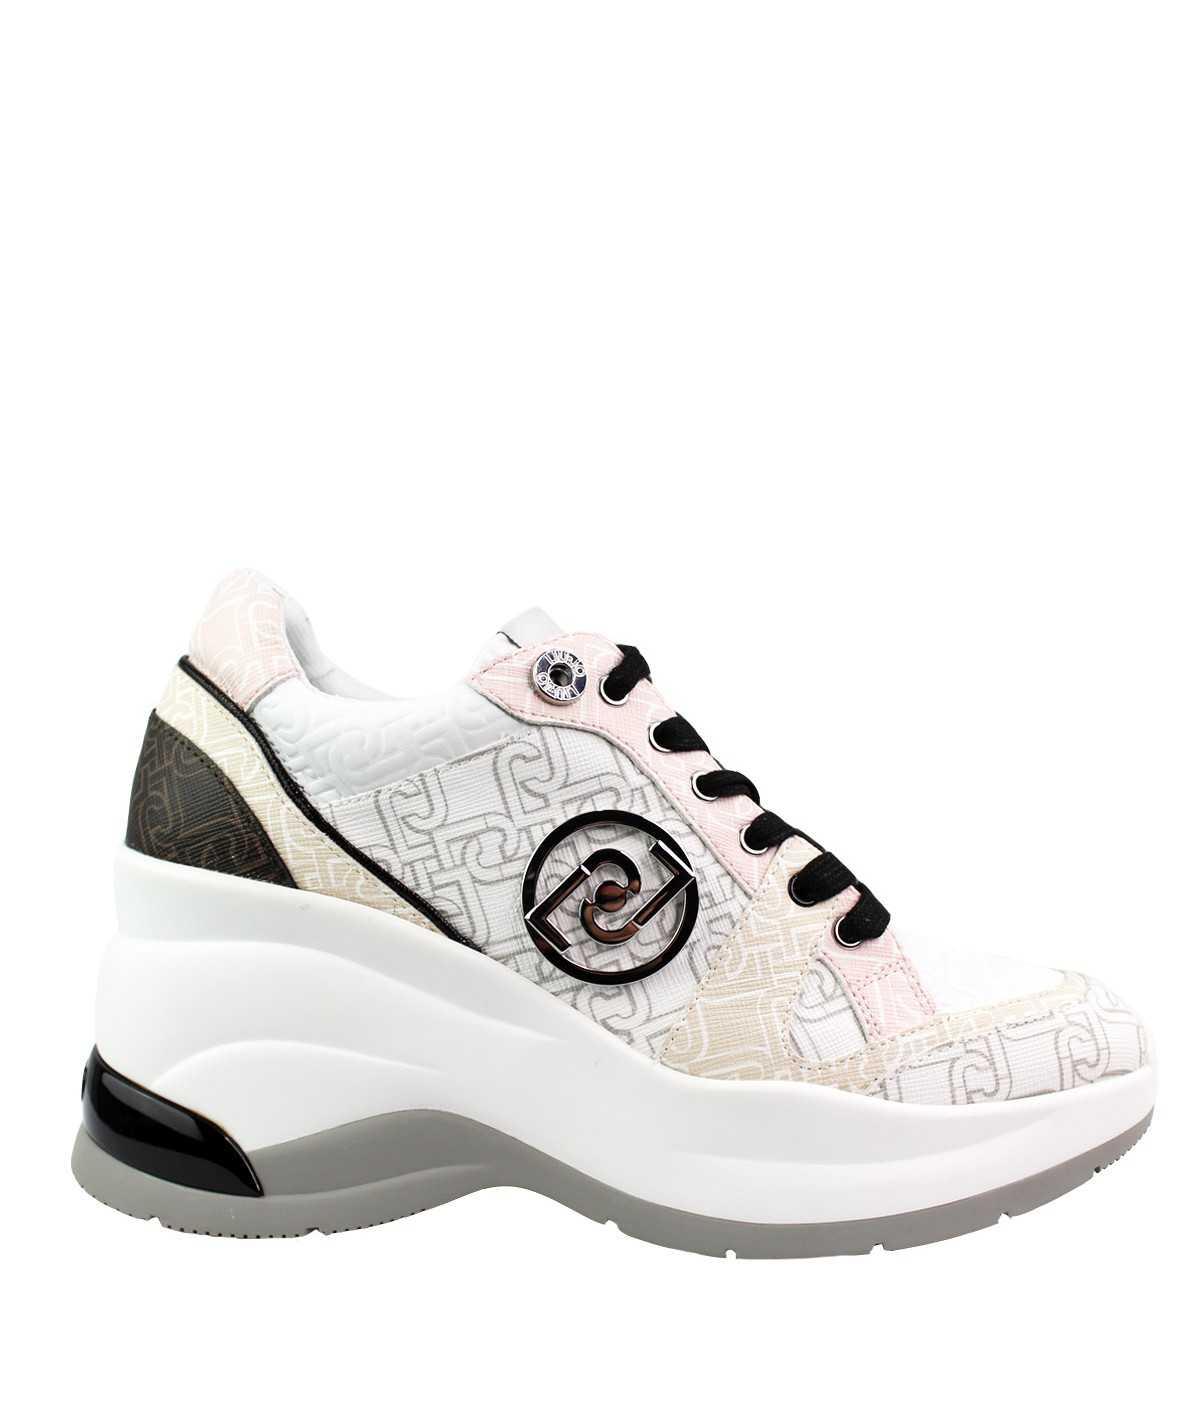 LIU JO Sneakers con zeppa